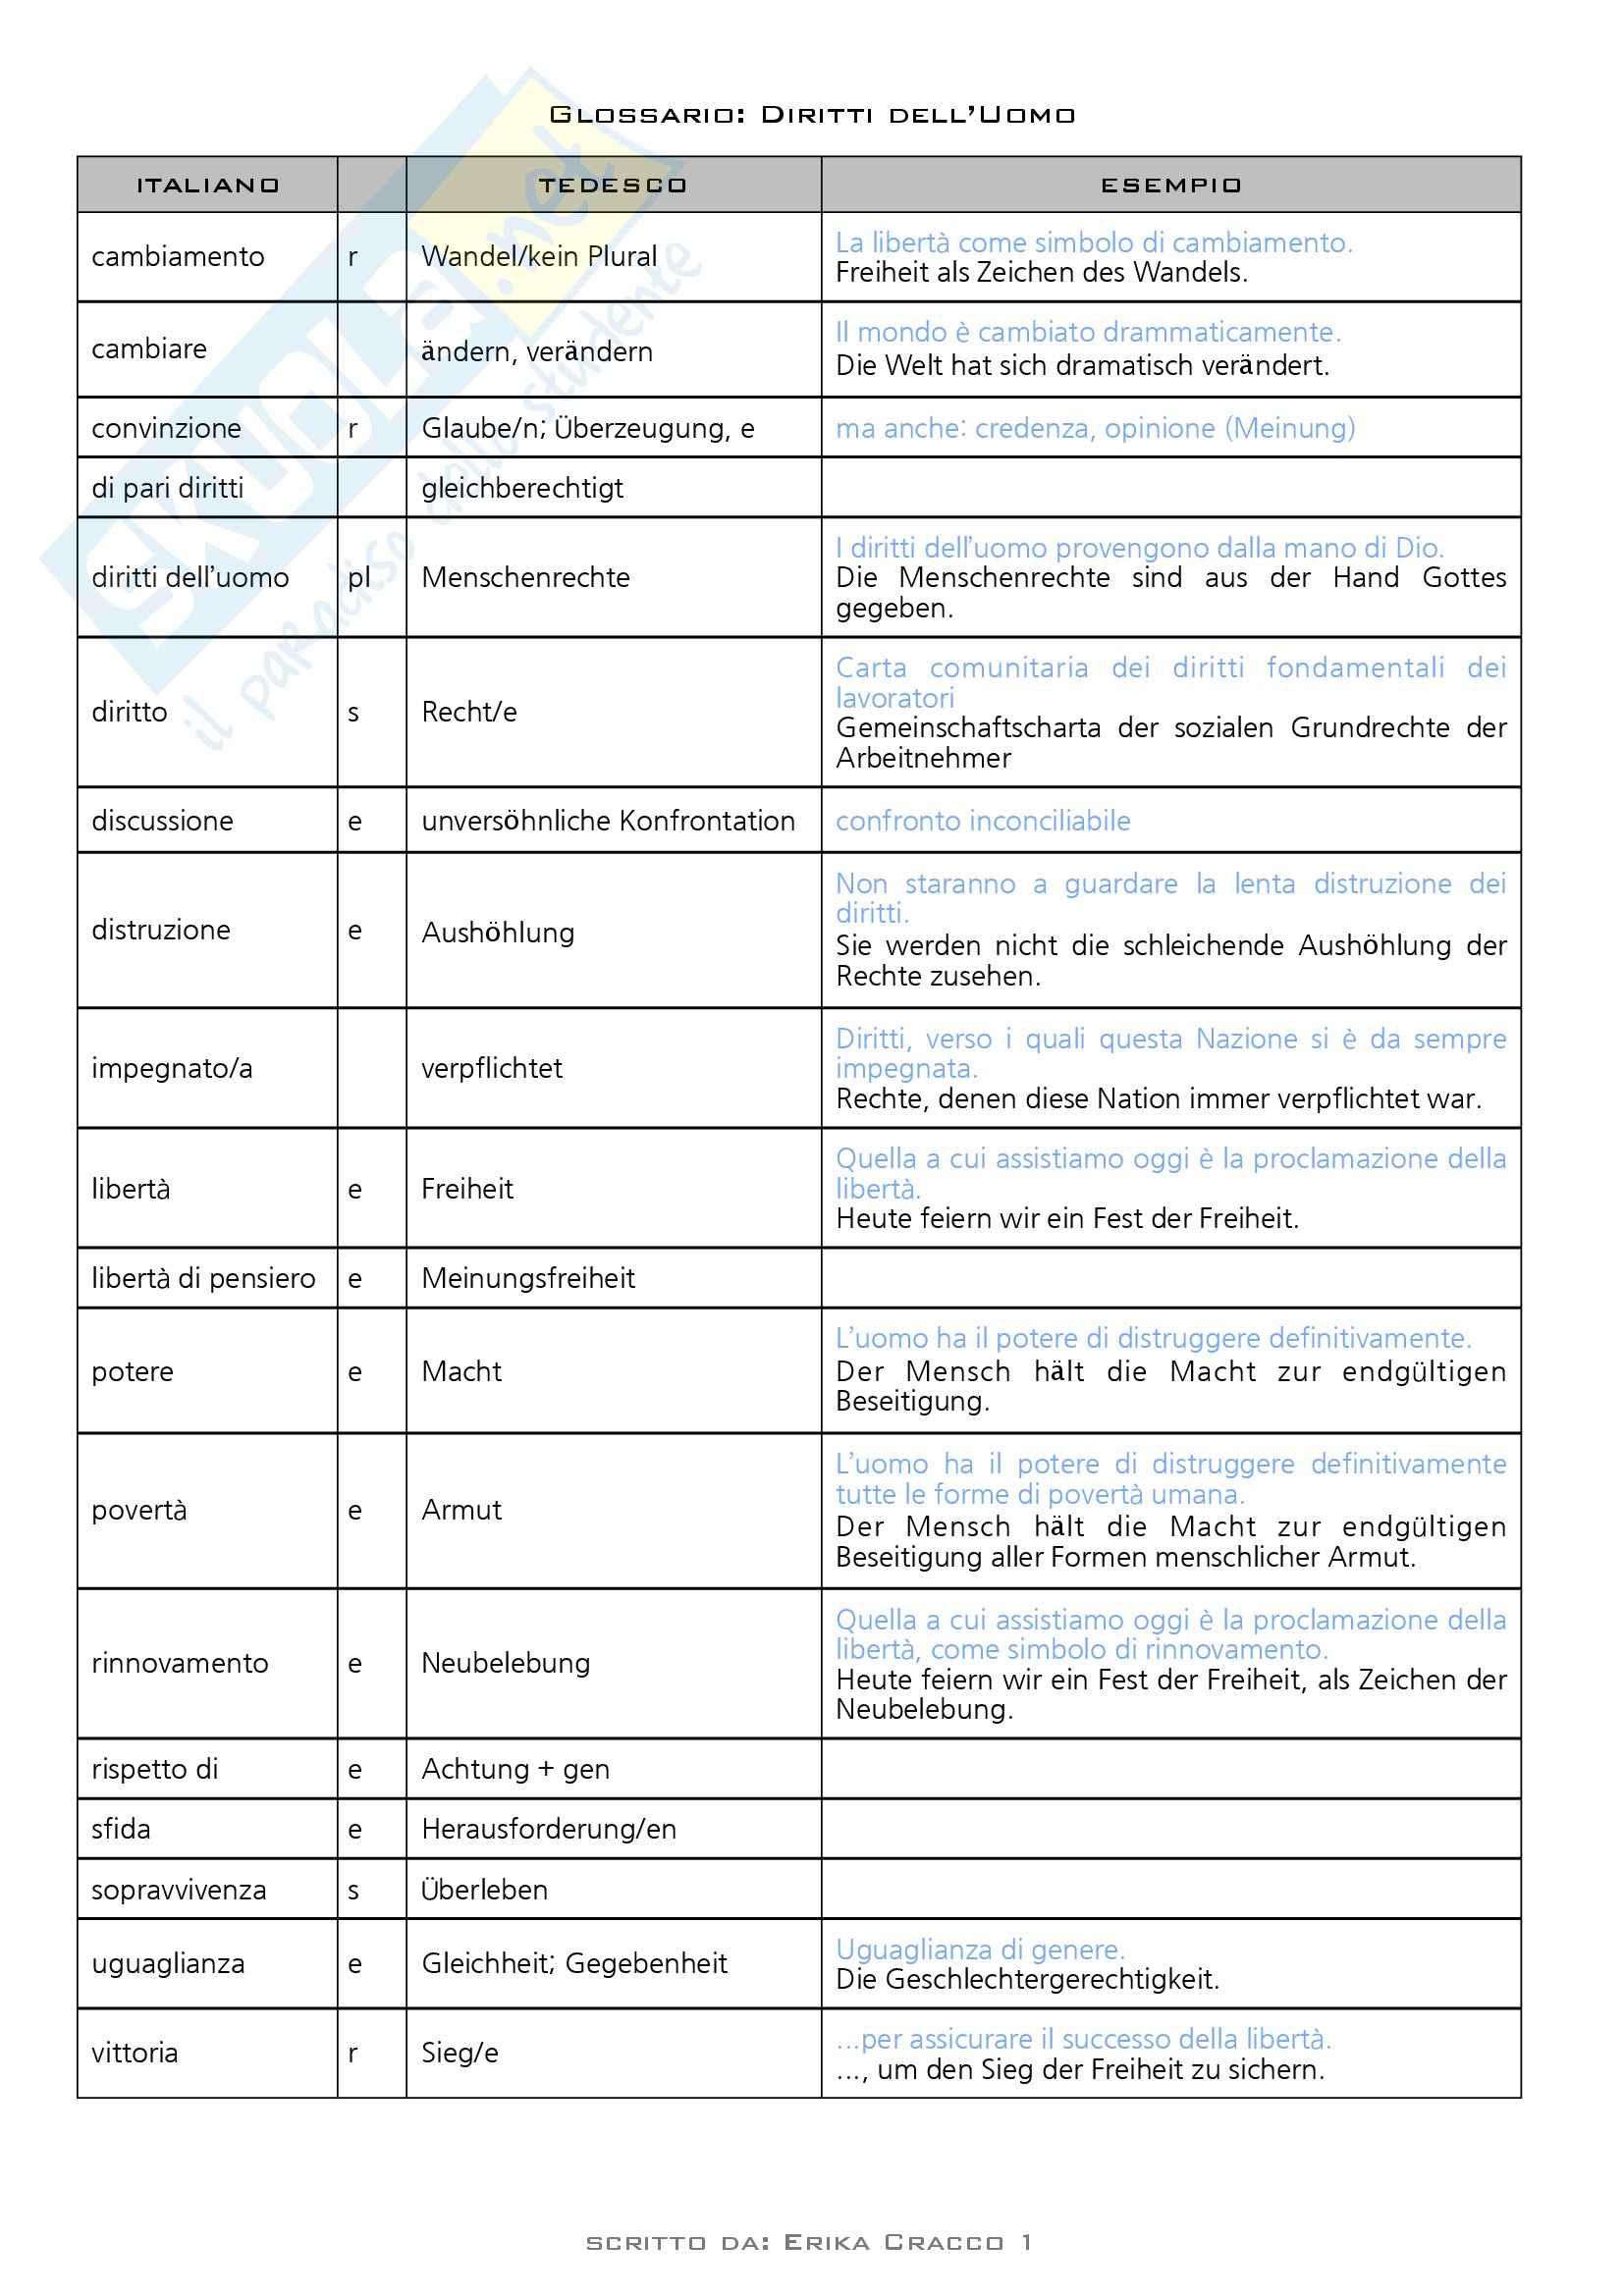 Lingua tedesca - i diritti fondamentali dell'Uomo